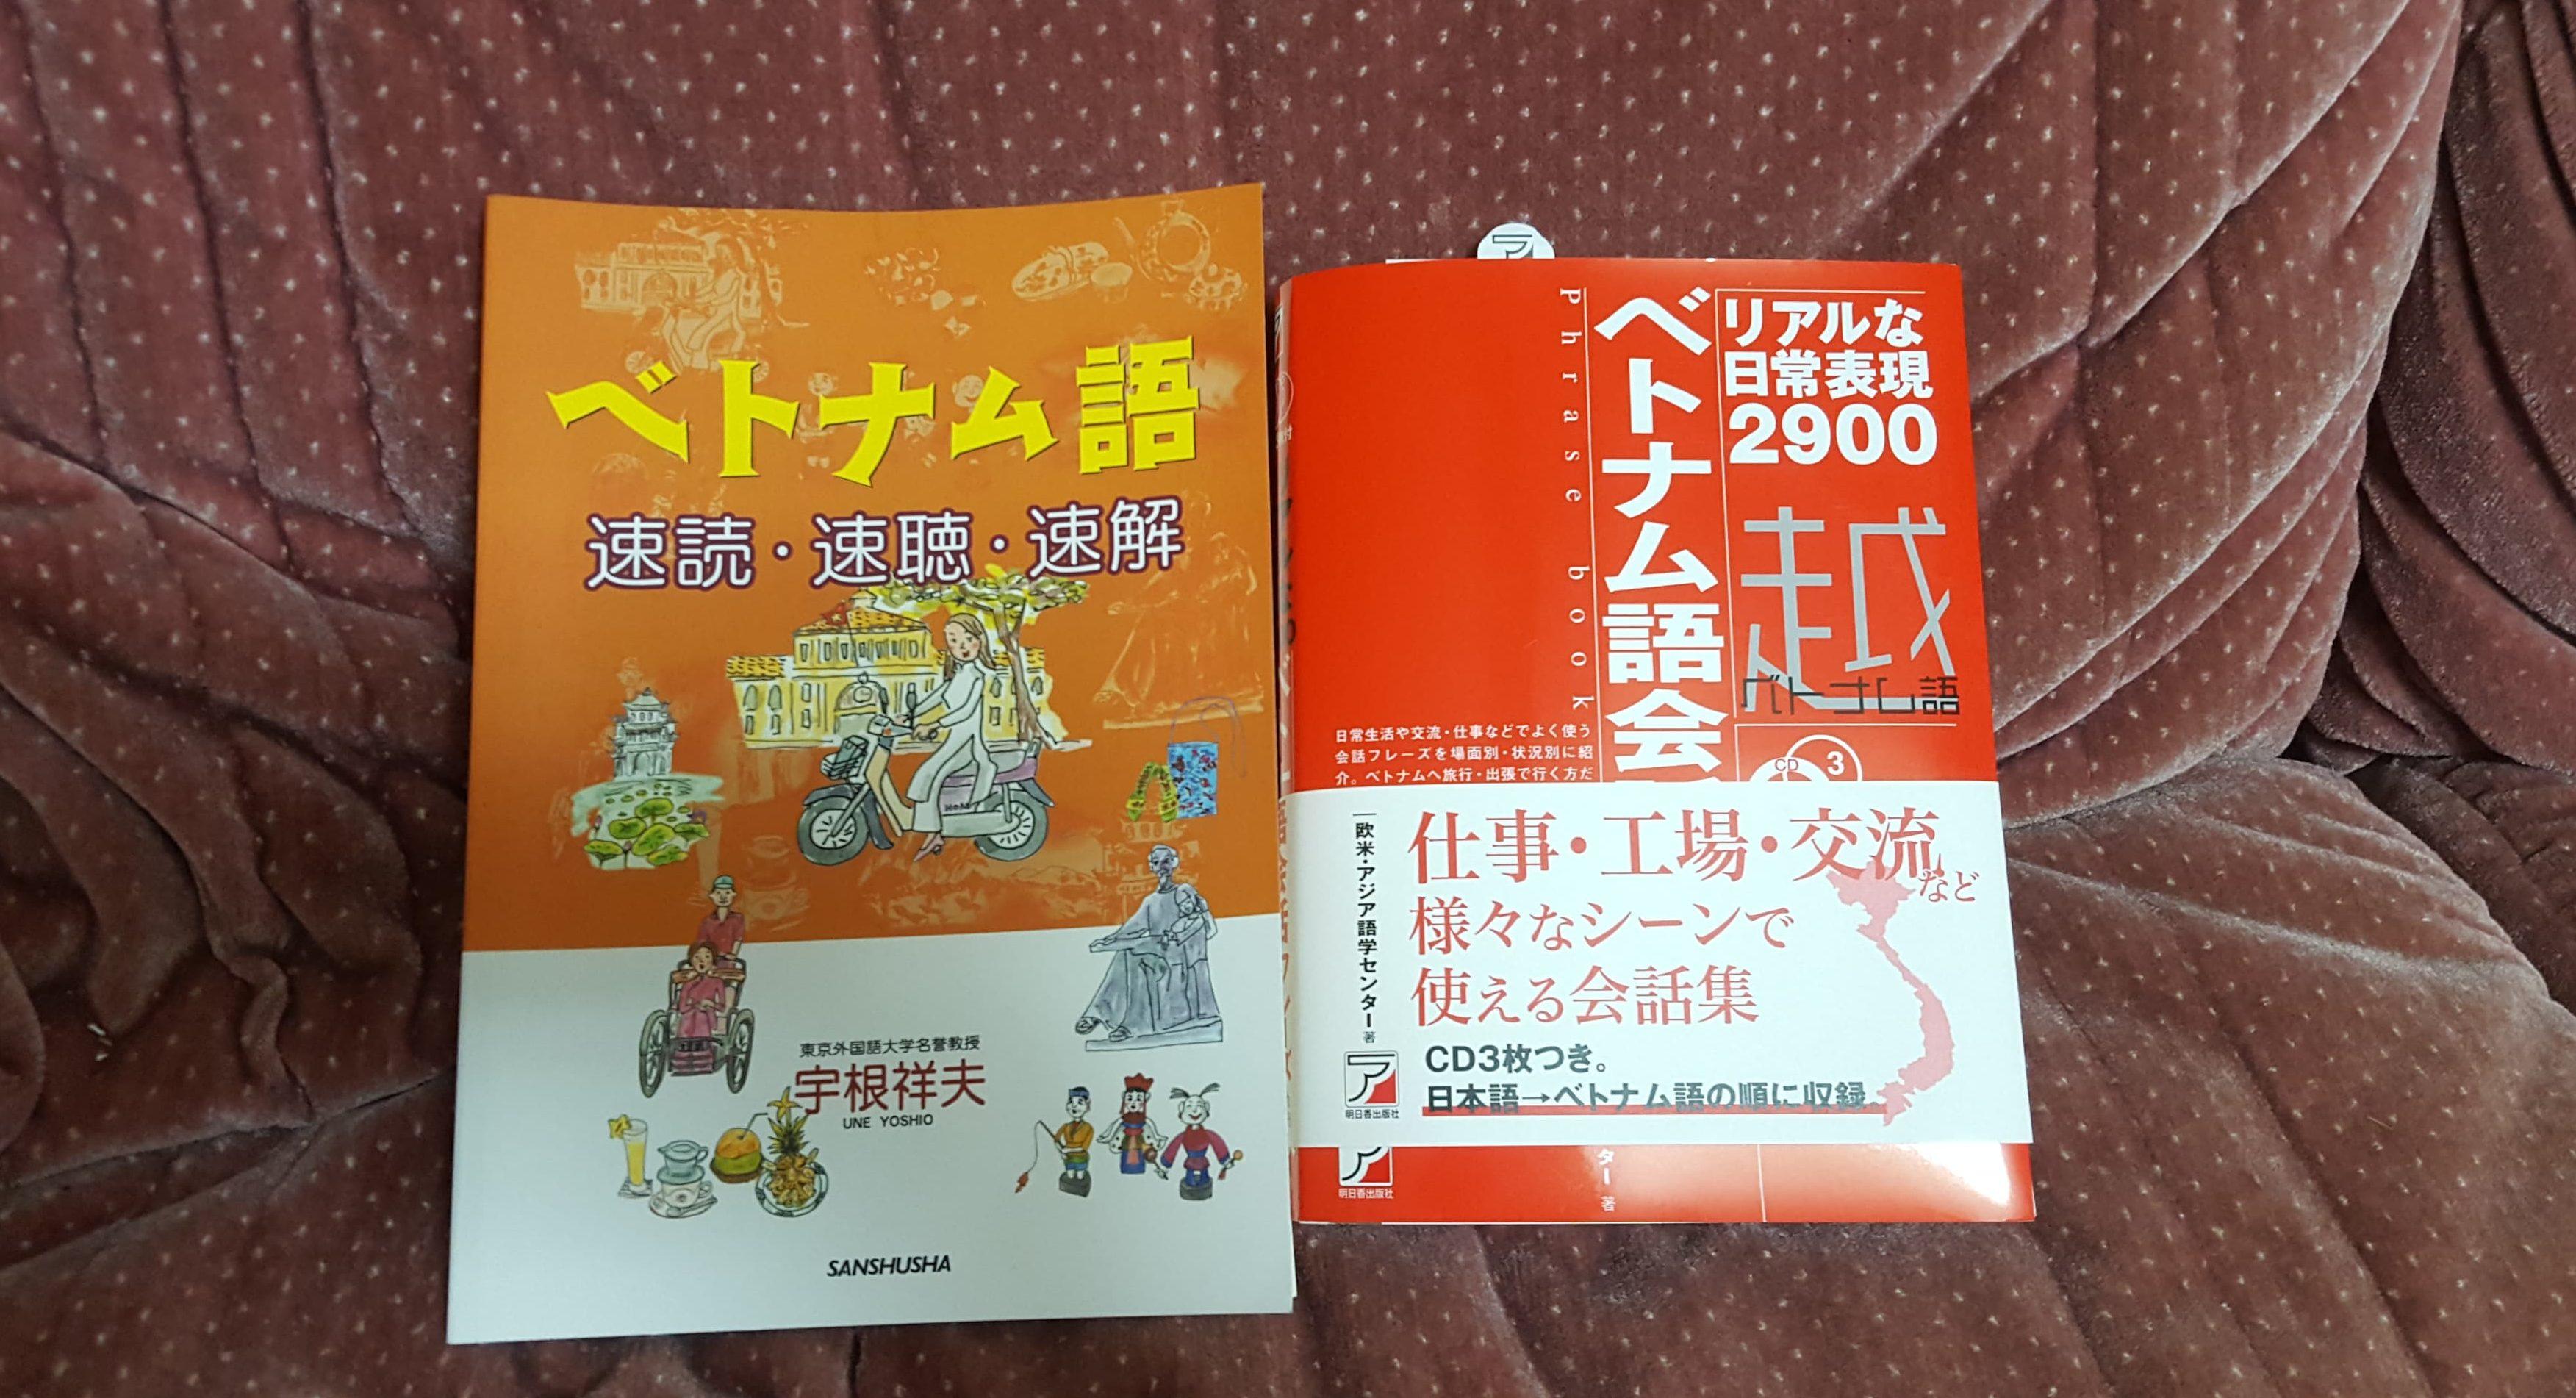 僕が日本国内でベトナム語を勉強した方法や使用した教材について紹介